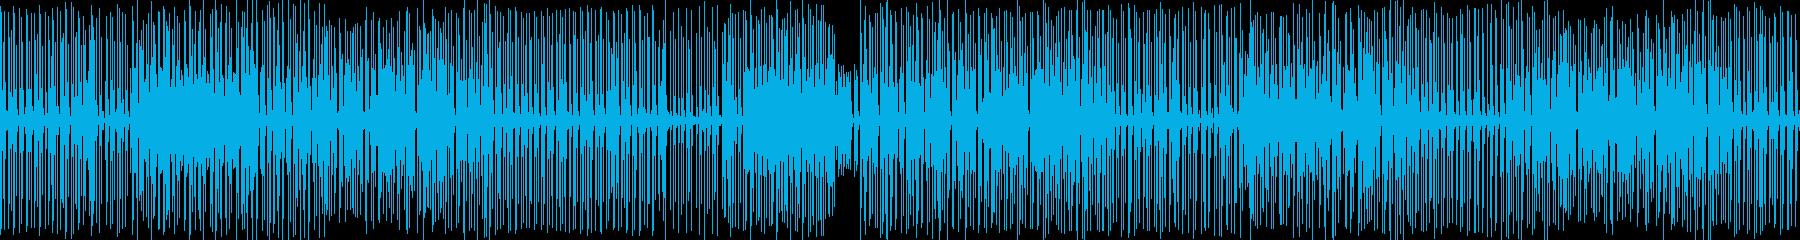 ファンク!!! の再生済みの波形